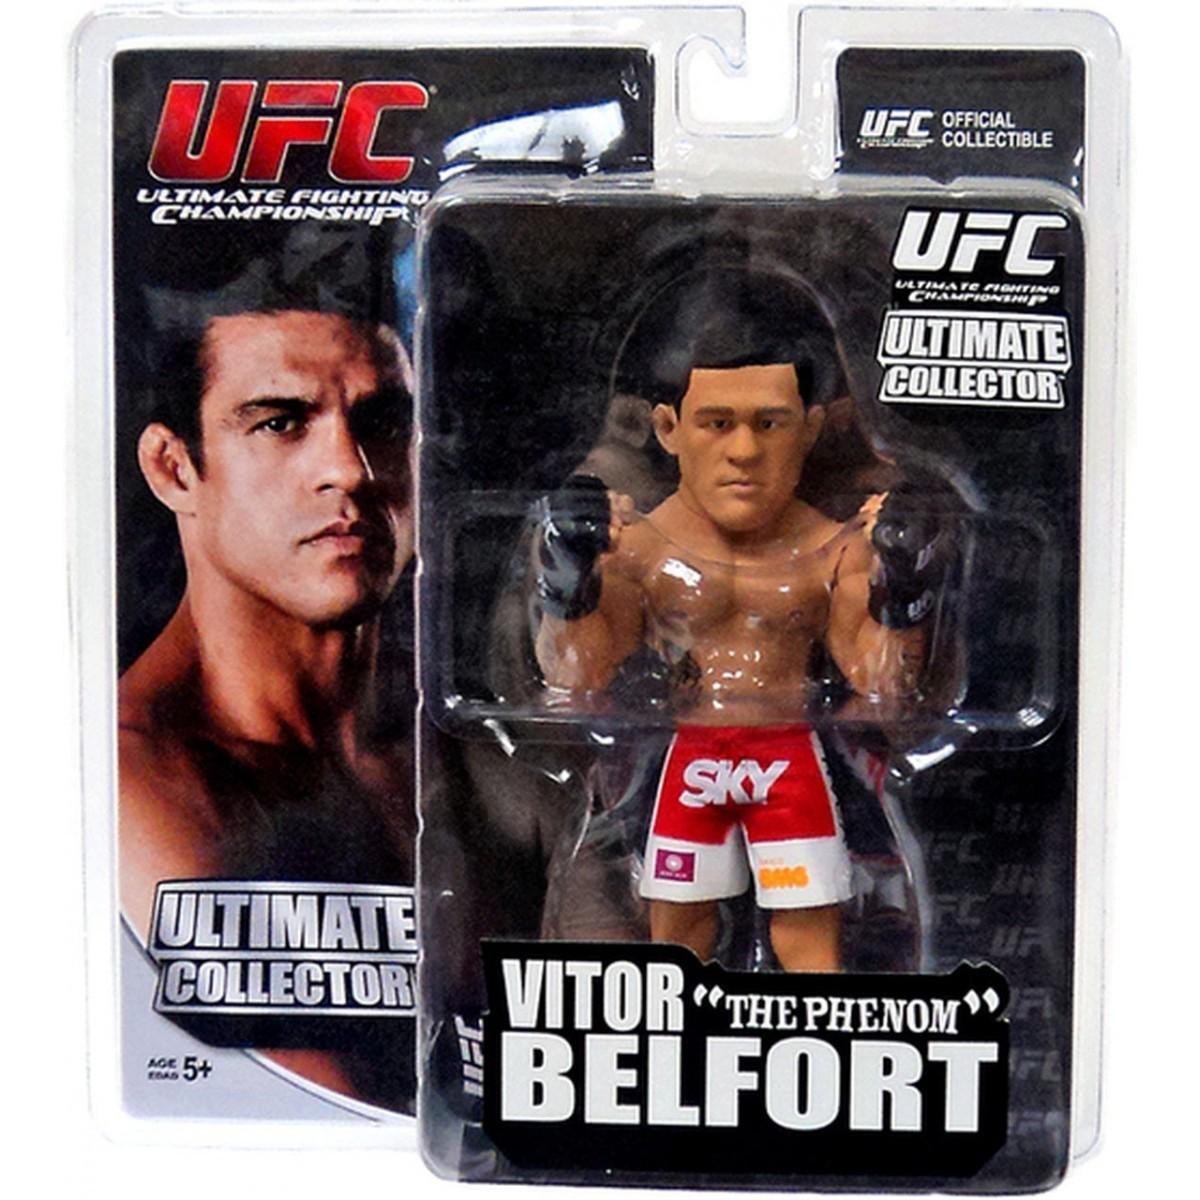 Boneco Vitor Belfort (The Phenom) Short Branco e Vermelho: UFC Ultimate Collector